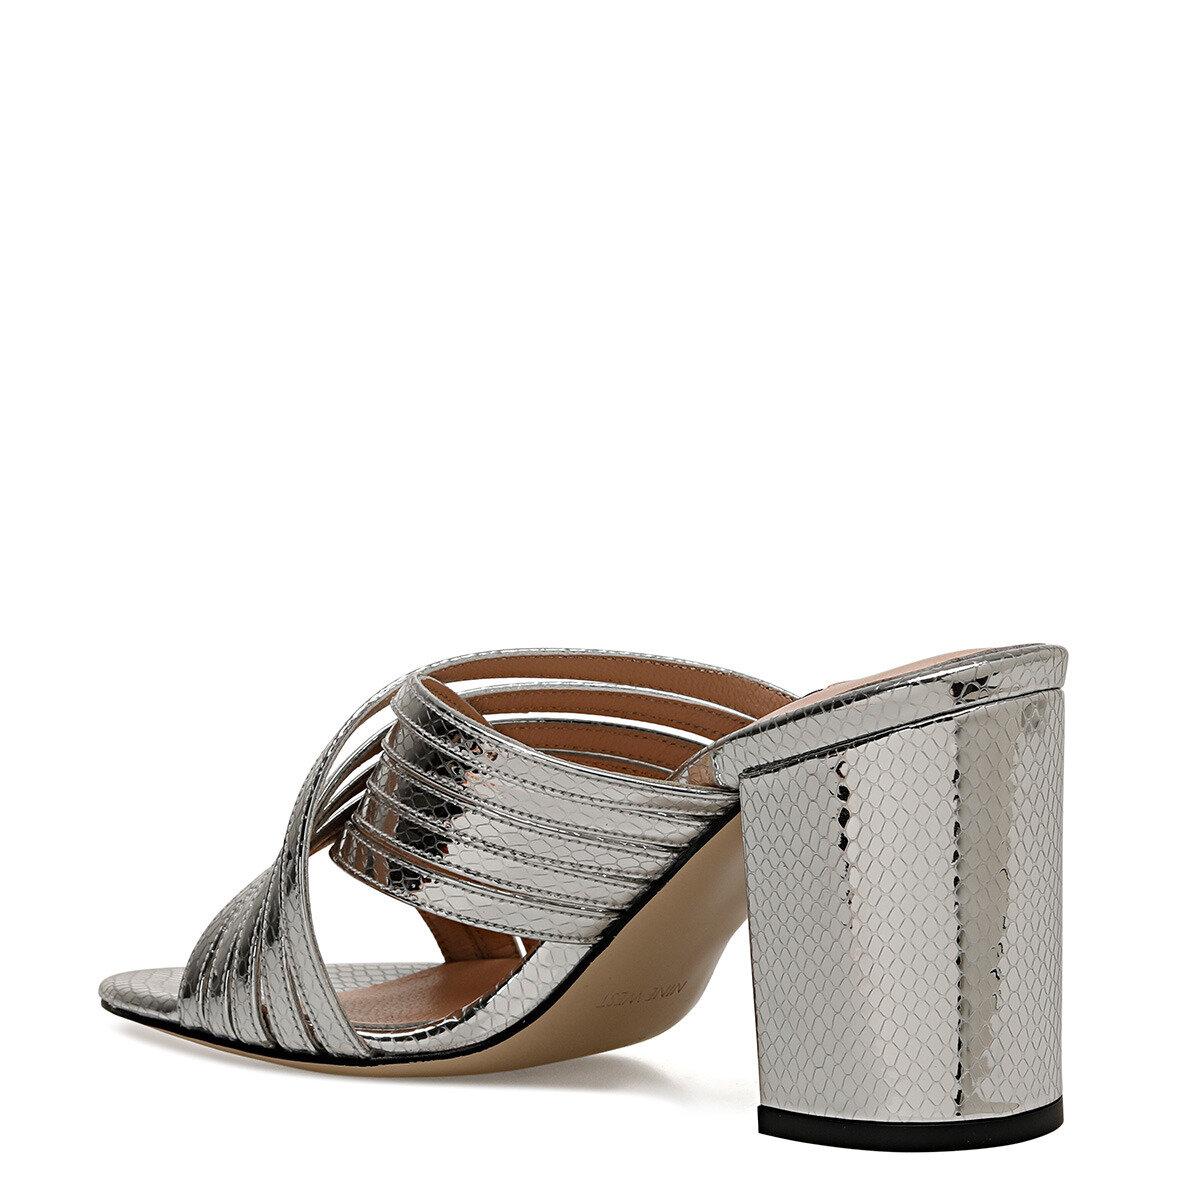 TRINP Gümüş Kadın Topuklu Terlik